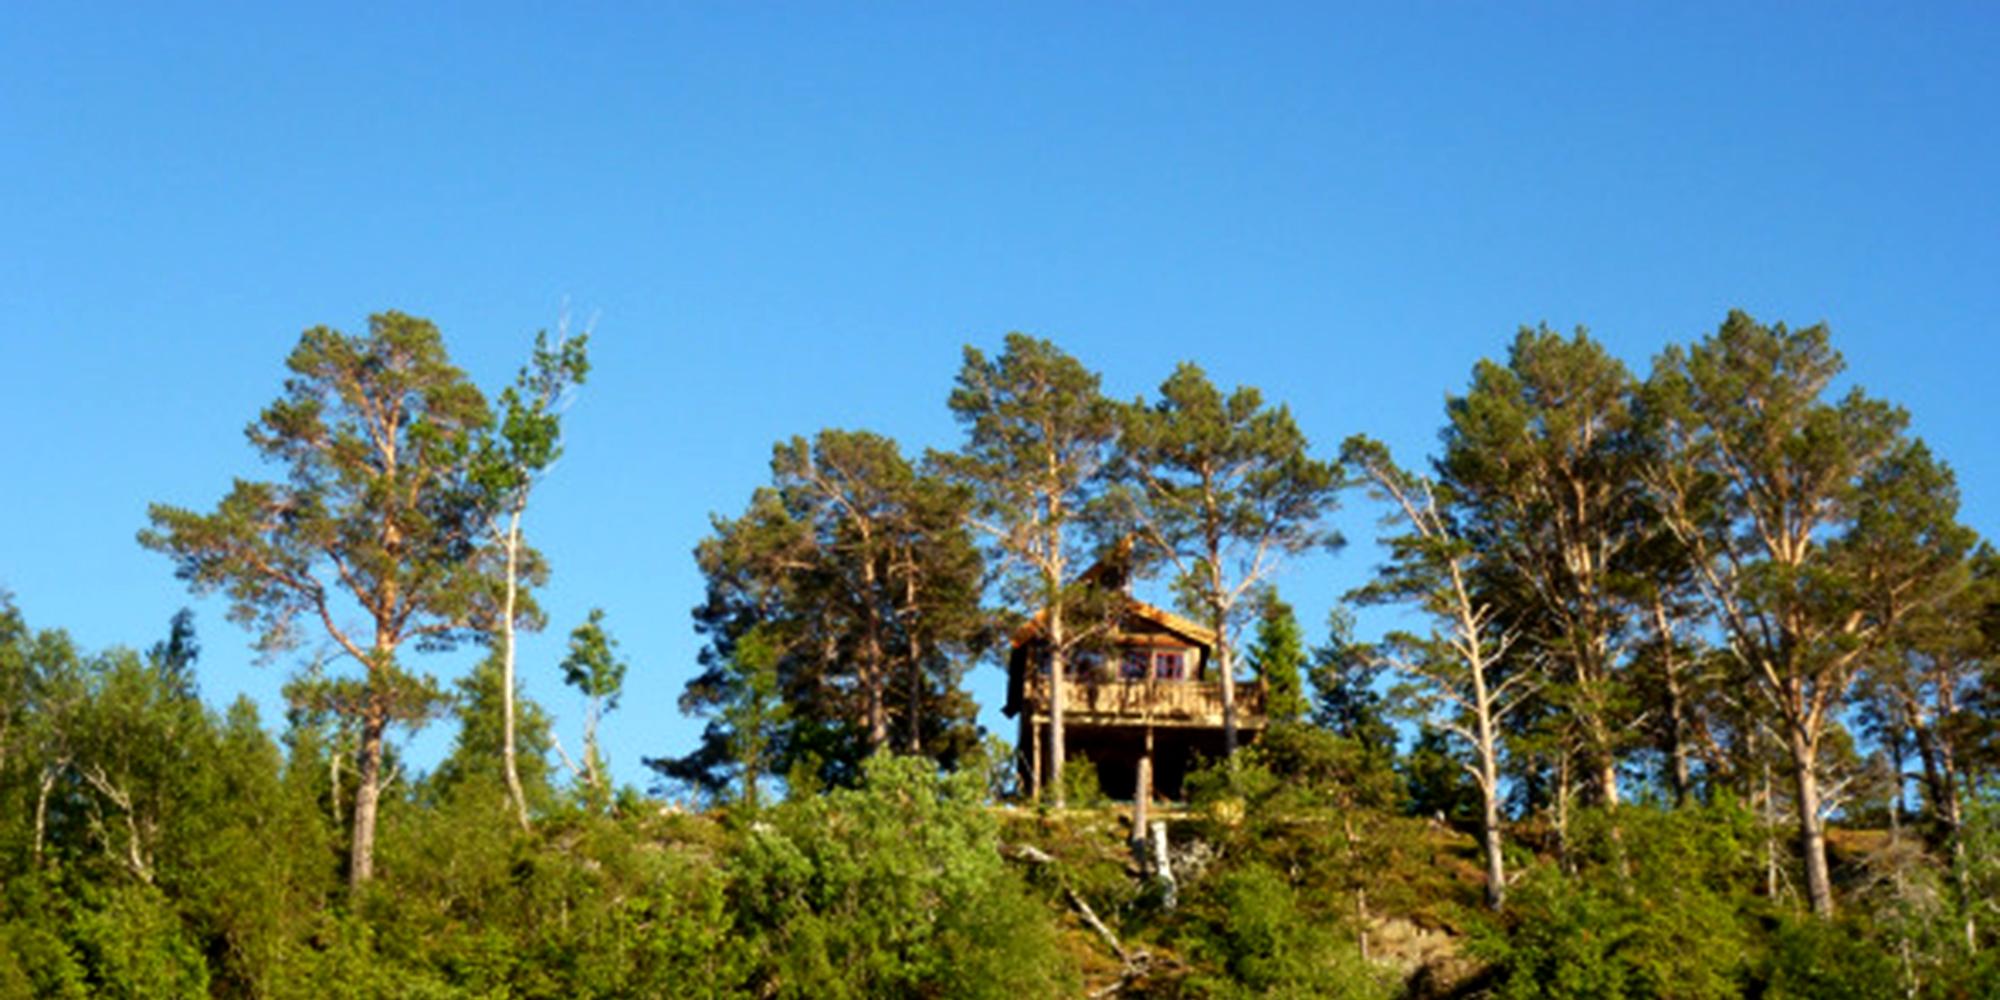 Spettspiret - en hytte i tretoppene